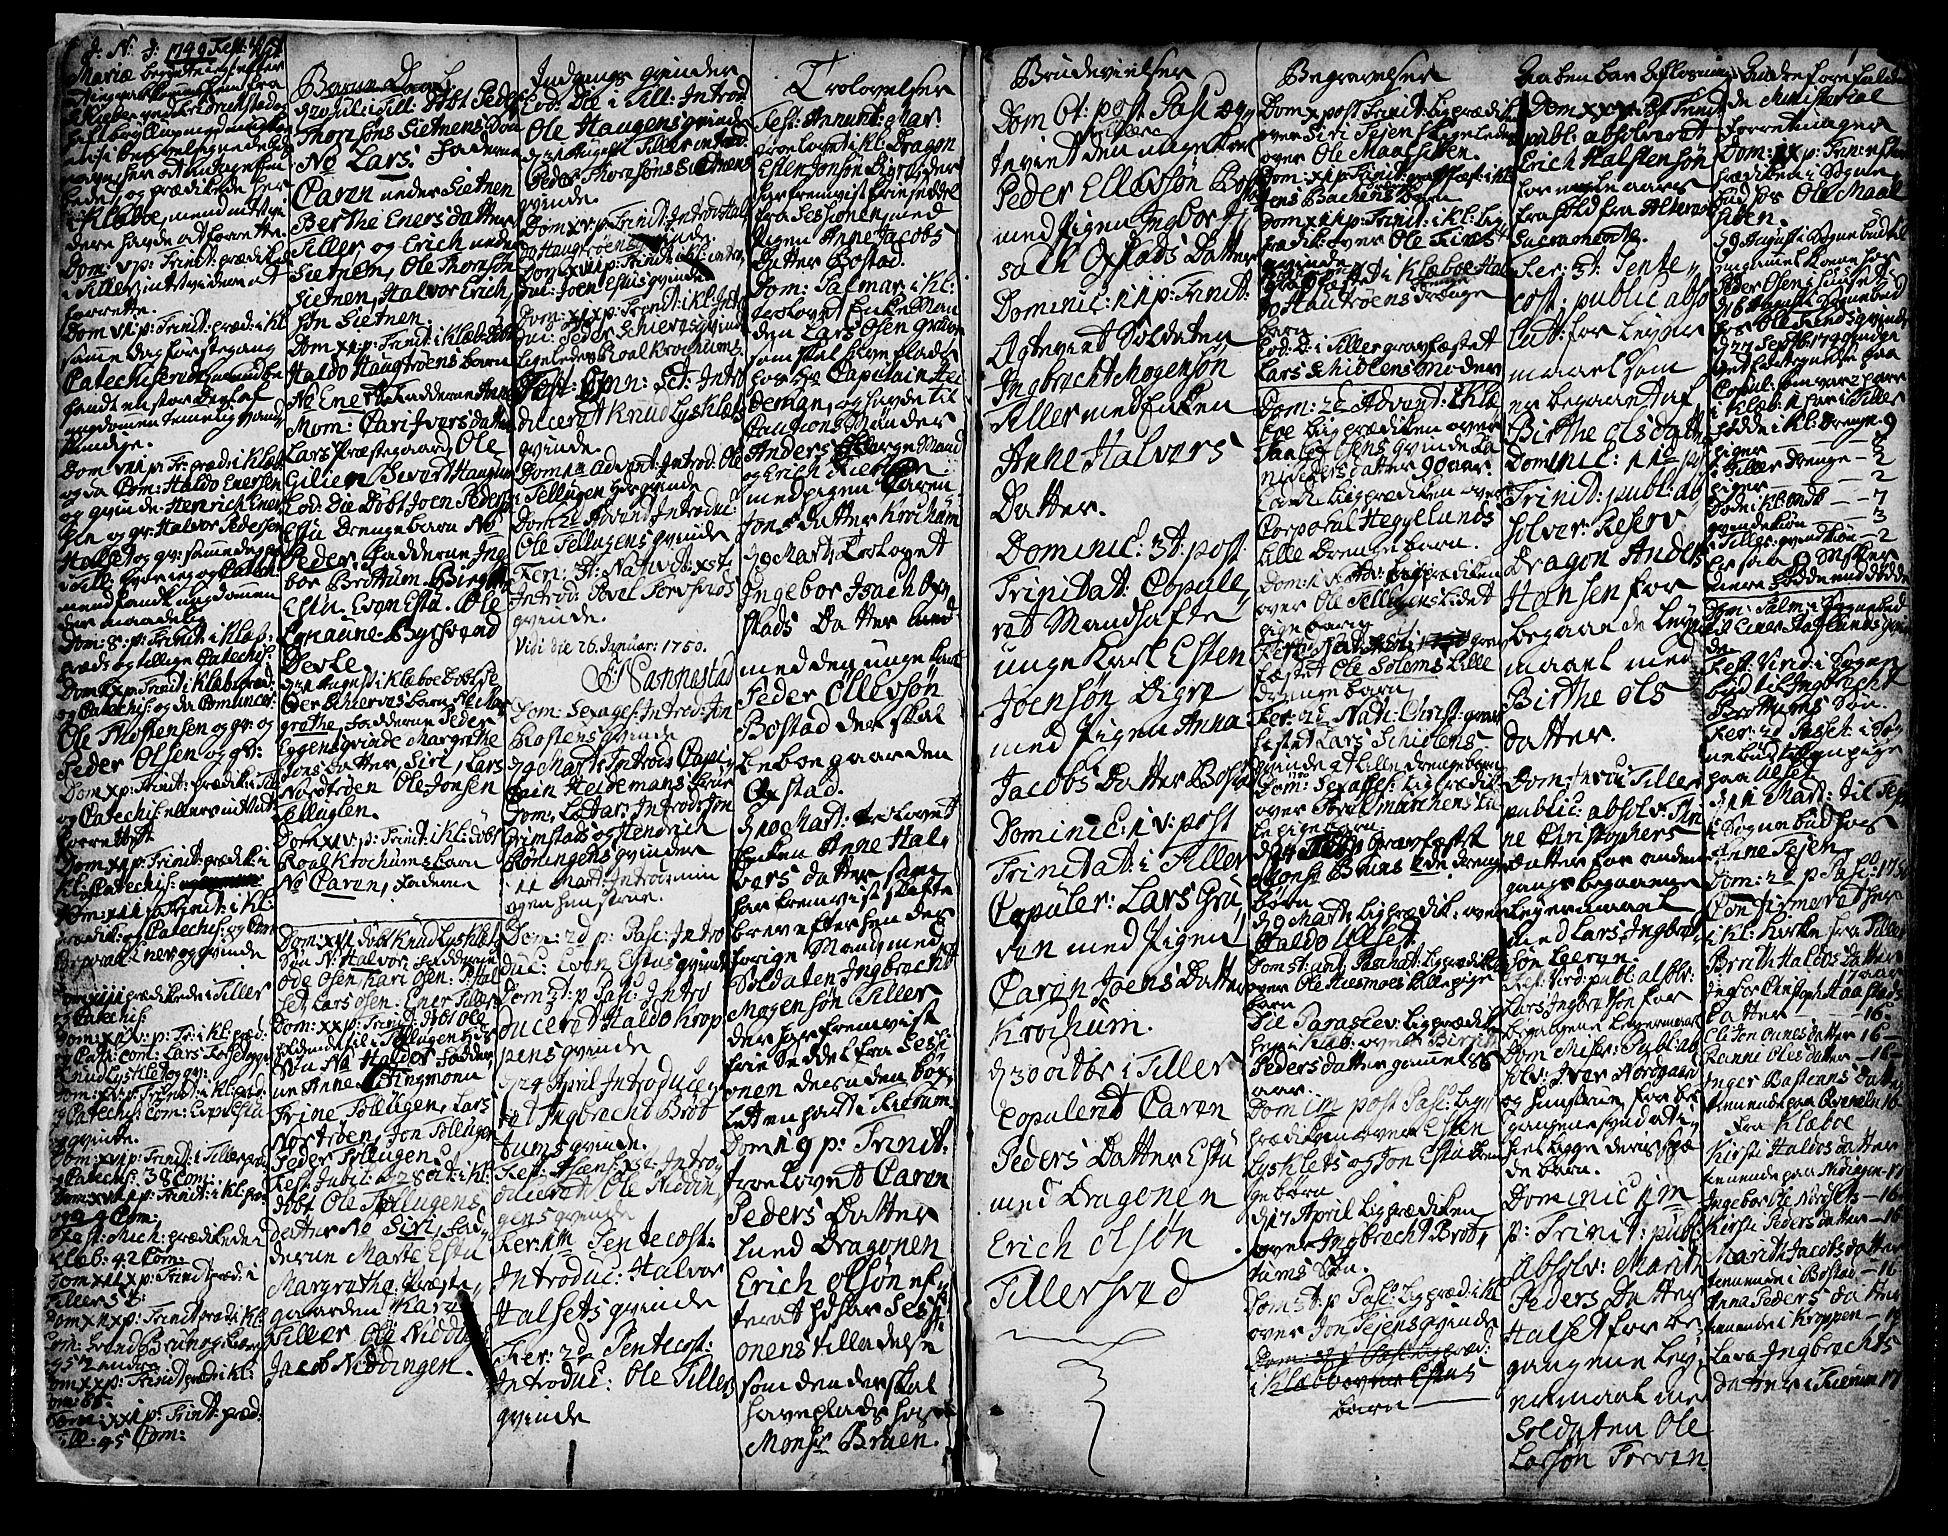 SAT, Ministerialprotokoller, klokkerbøker og fødselsregistre - Sør-Trøndelag, 618/L0437: Ministerialbok nr. 618A02, 1749-1782, s. 1